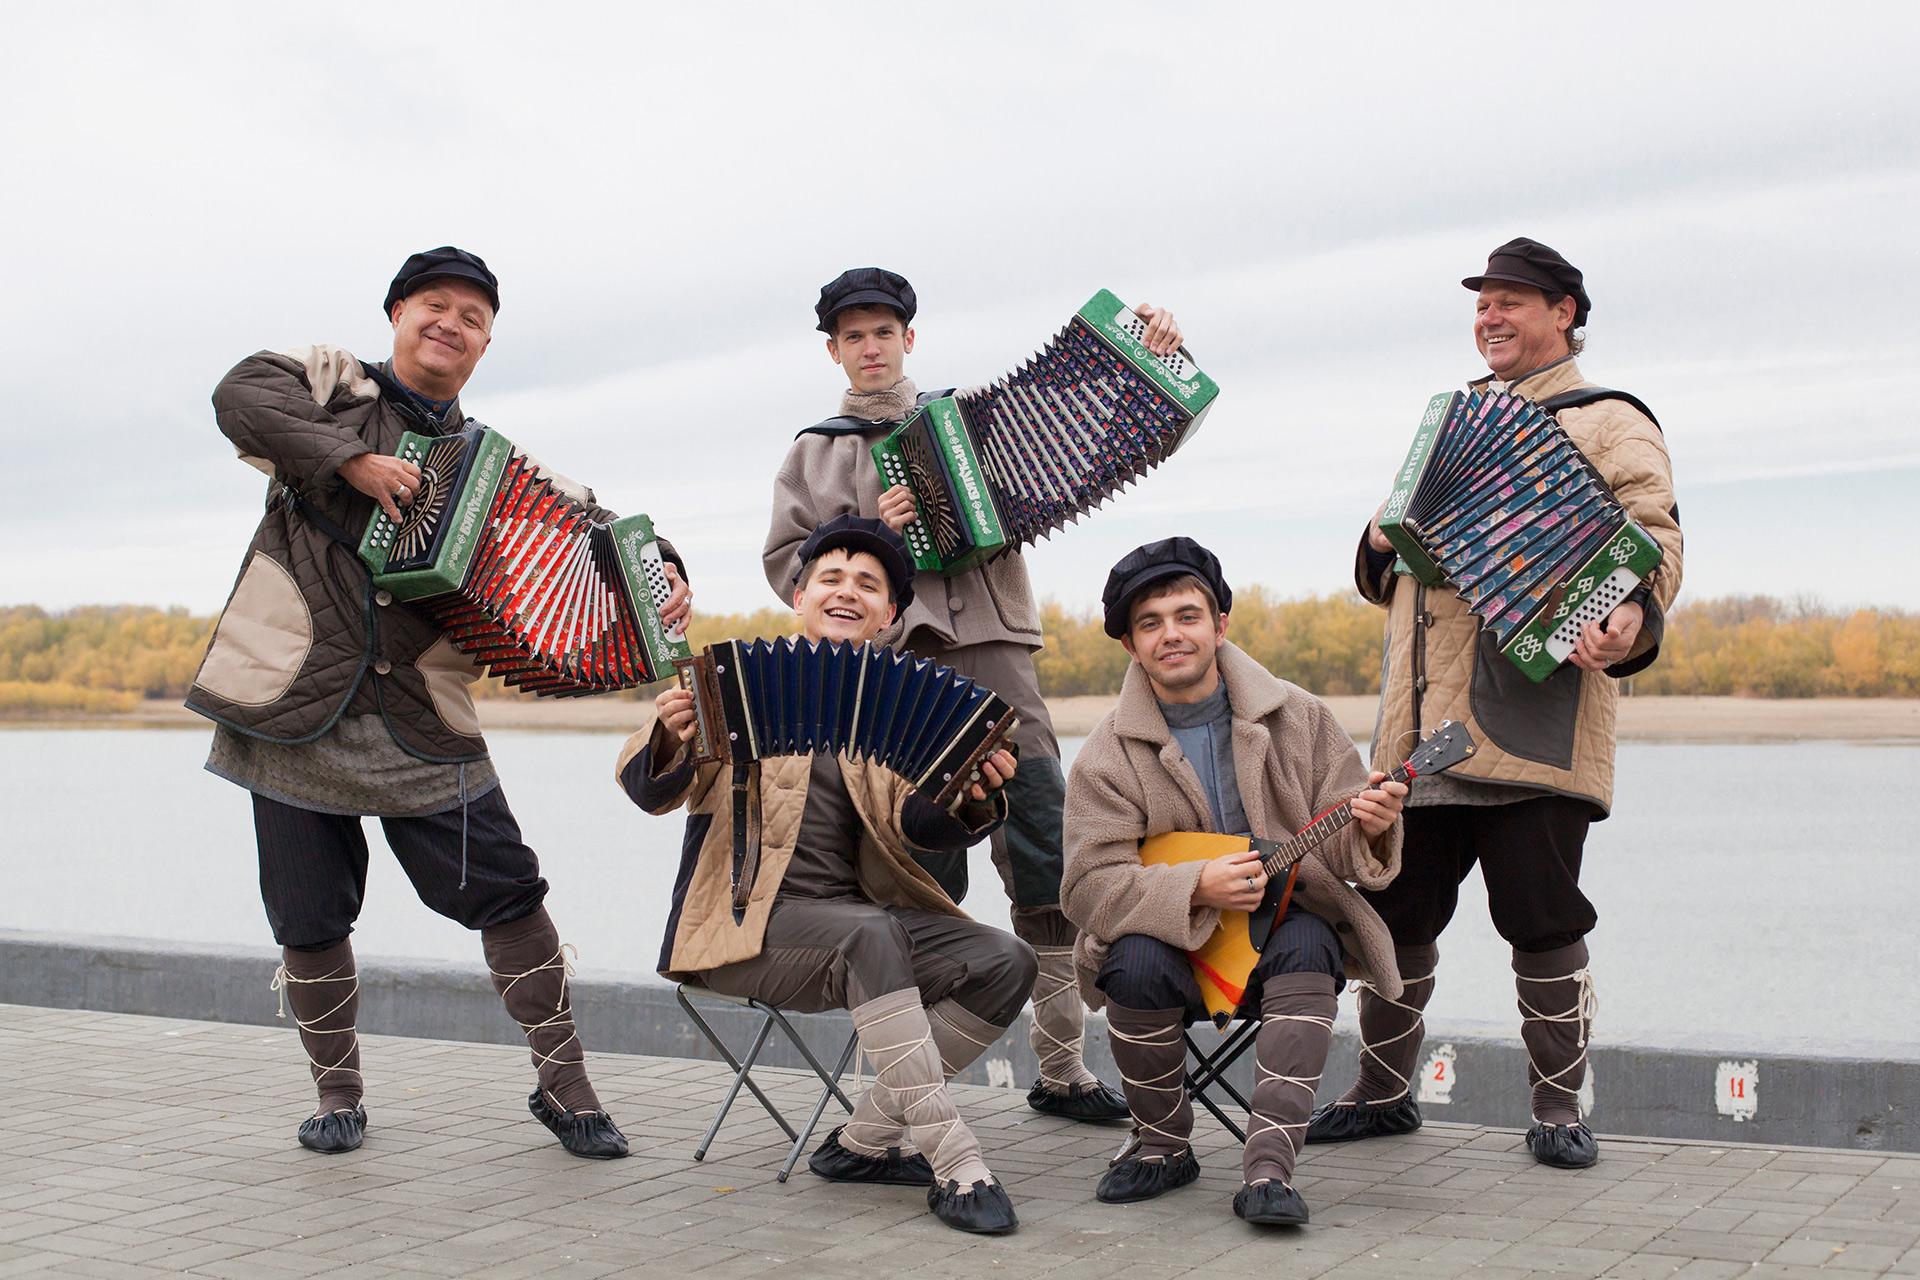 Ансамбль астраханских гармонистов «Русский строй»